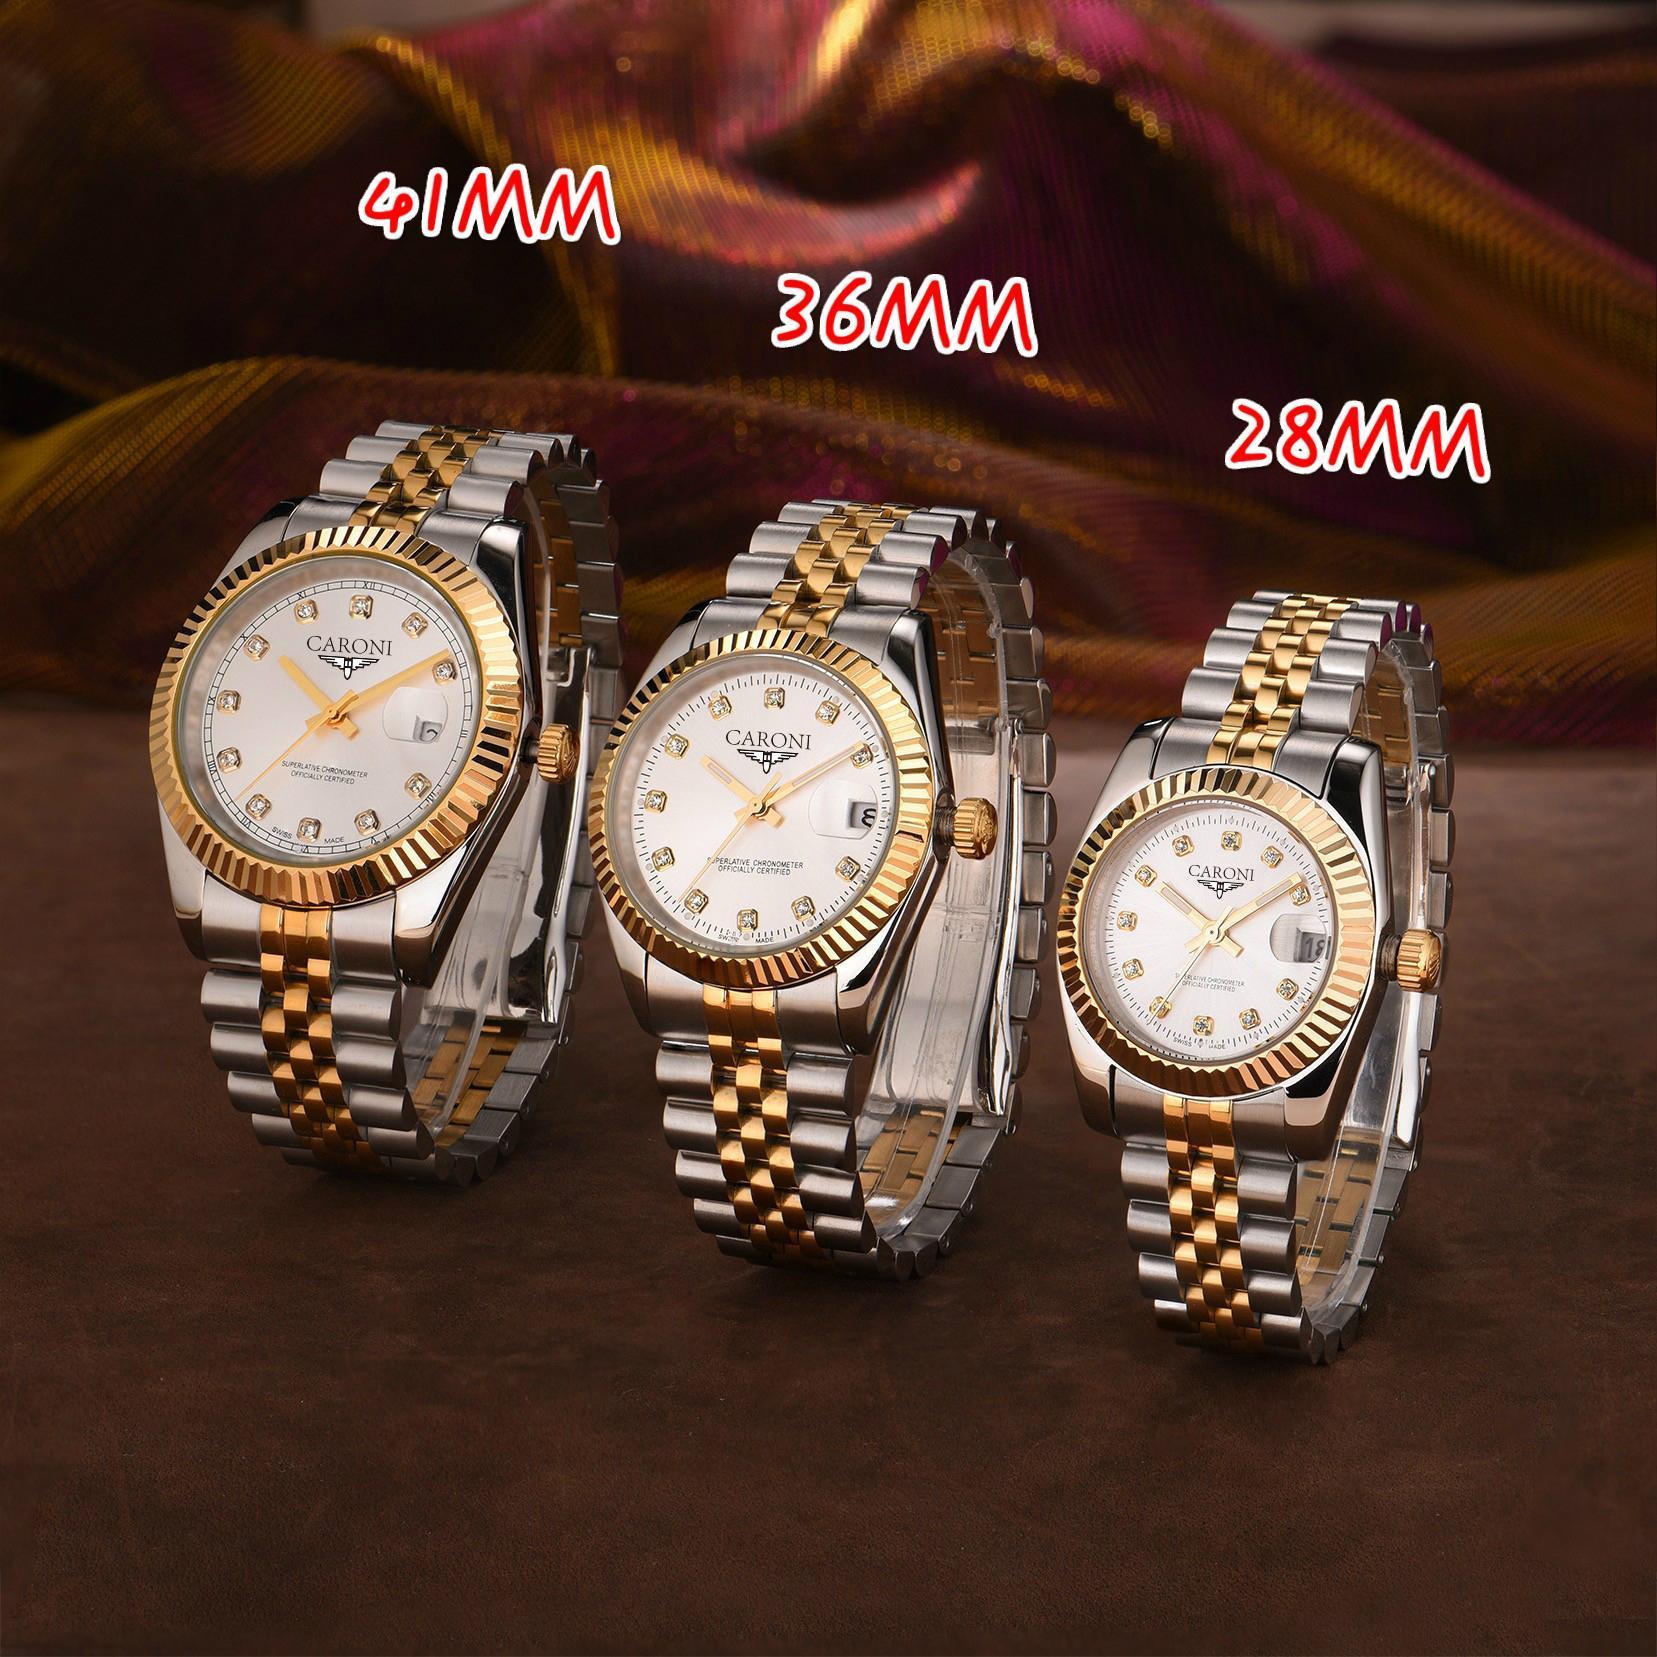 U1 2813 mens automático relógio de ouro vestido de aço inoxidável de aço inoxidável à prova d 'água casal luminoso estilo clássico relógios de pulso montre de luxo